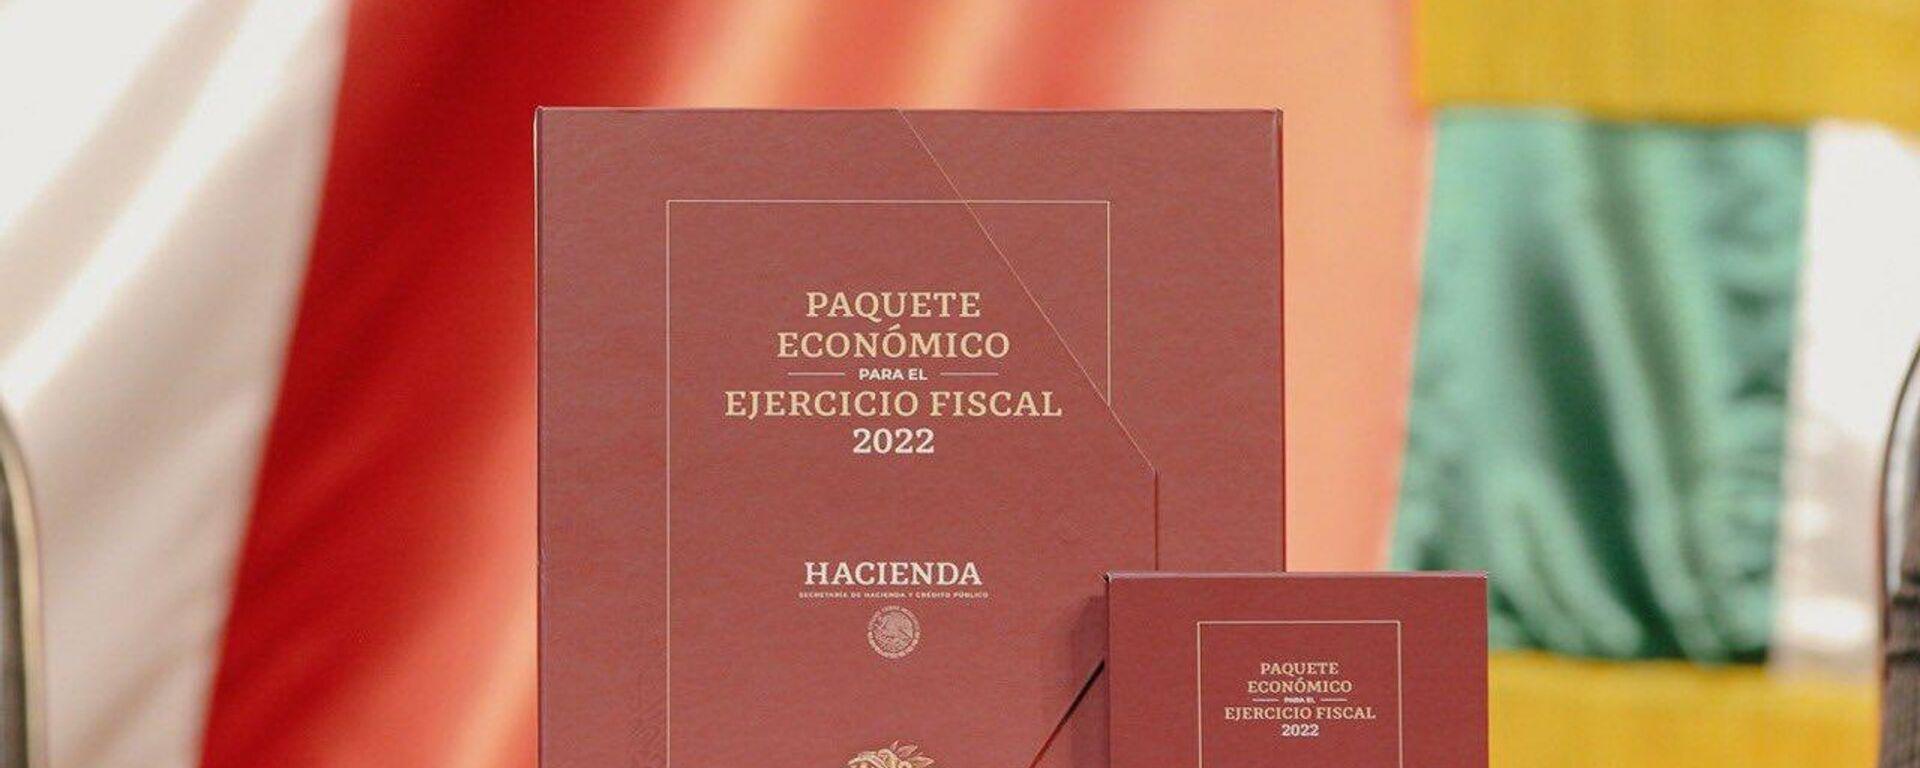 Paquete Económico Fiscal en México para 2022 - Sputnik Mundo, 1920, 08.09.2021